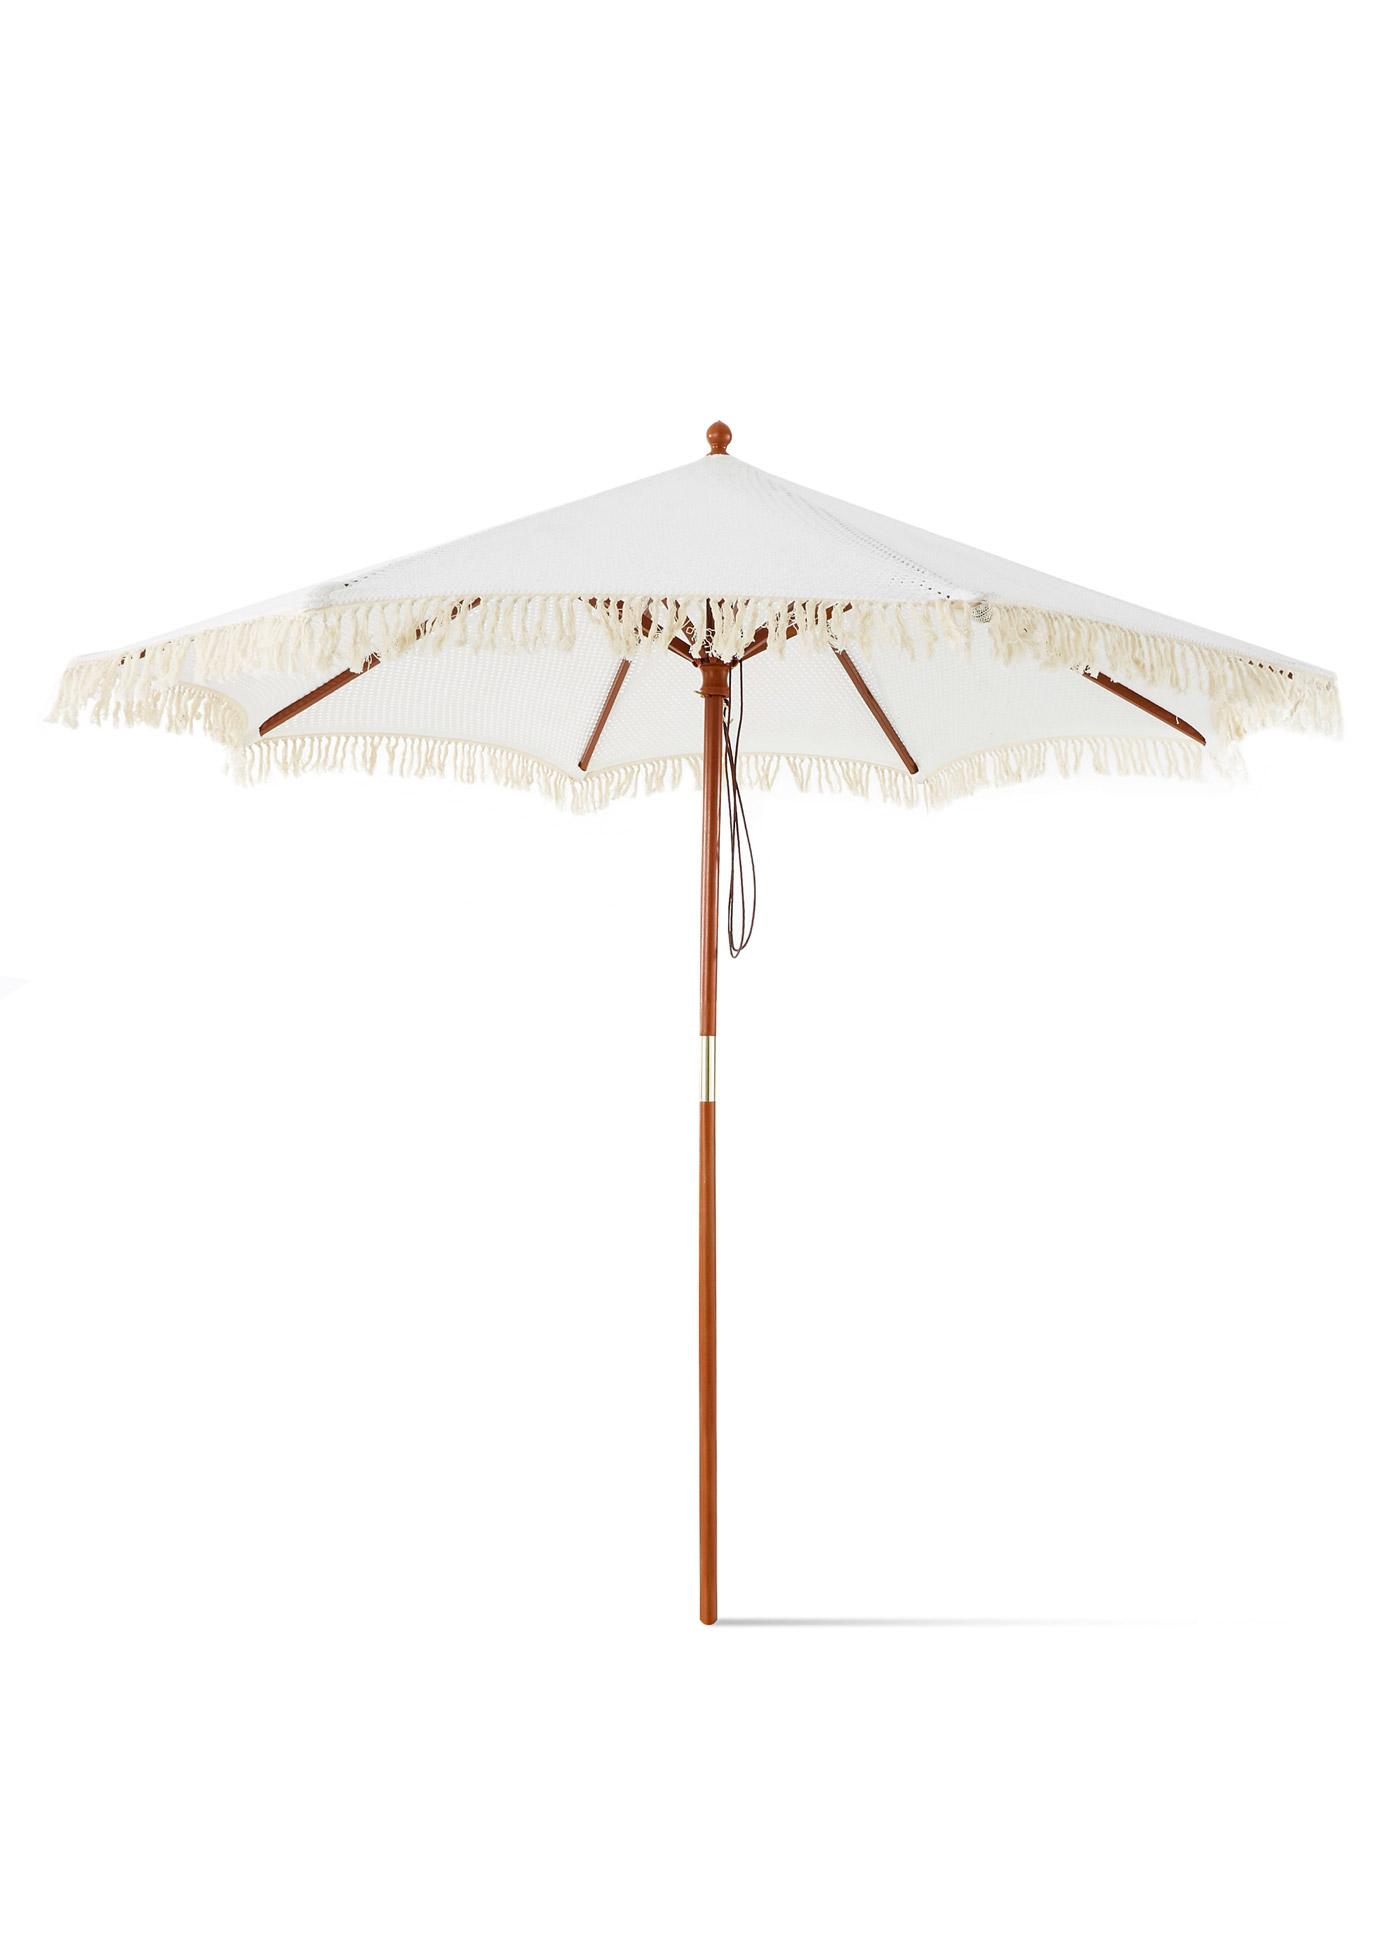 *NEU*: Sonnenschirm aus Baumwolle und Holz, creme/braun